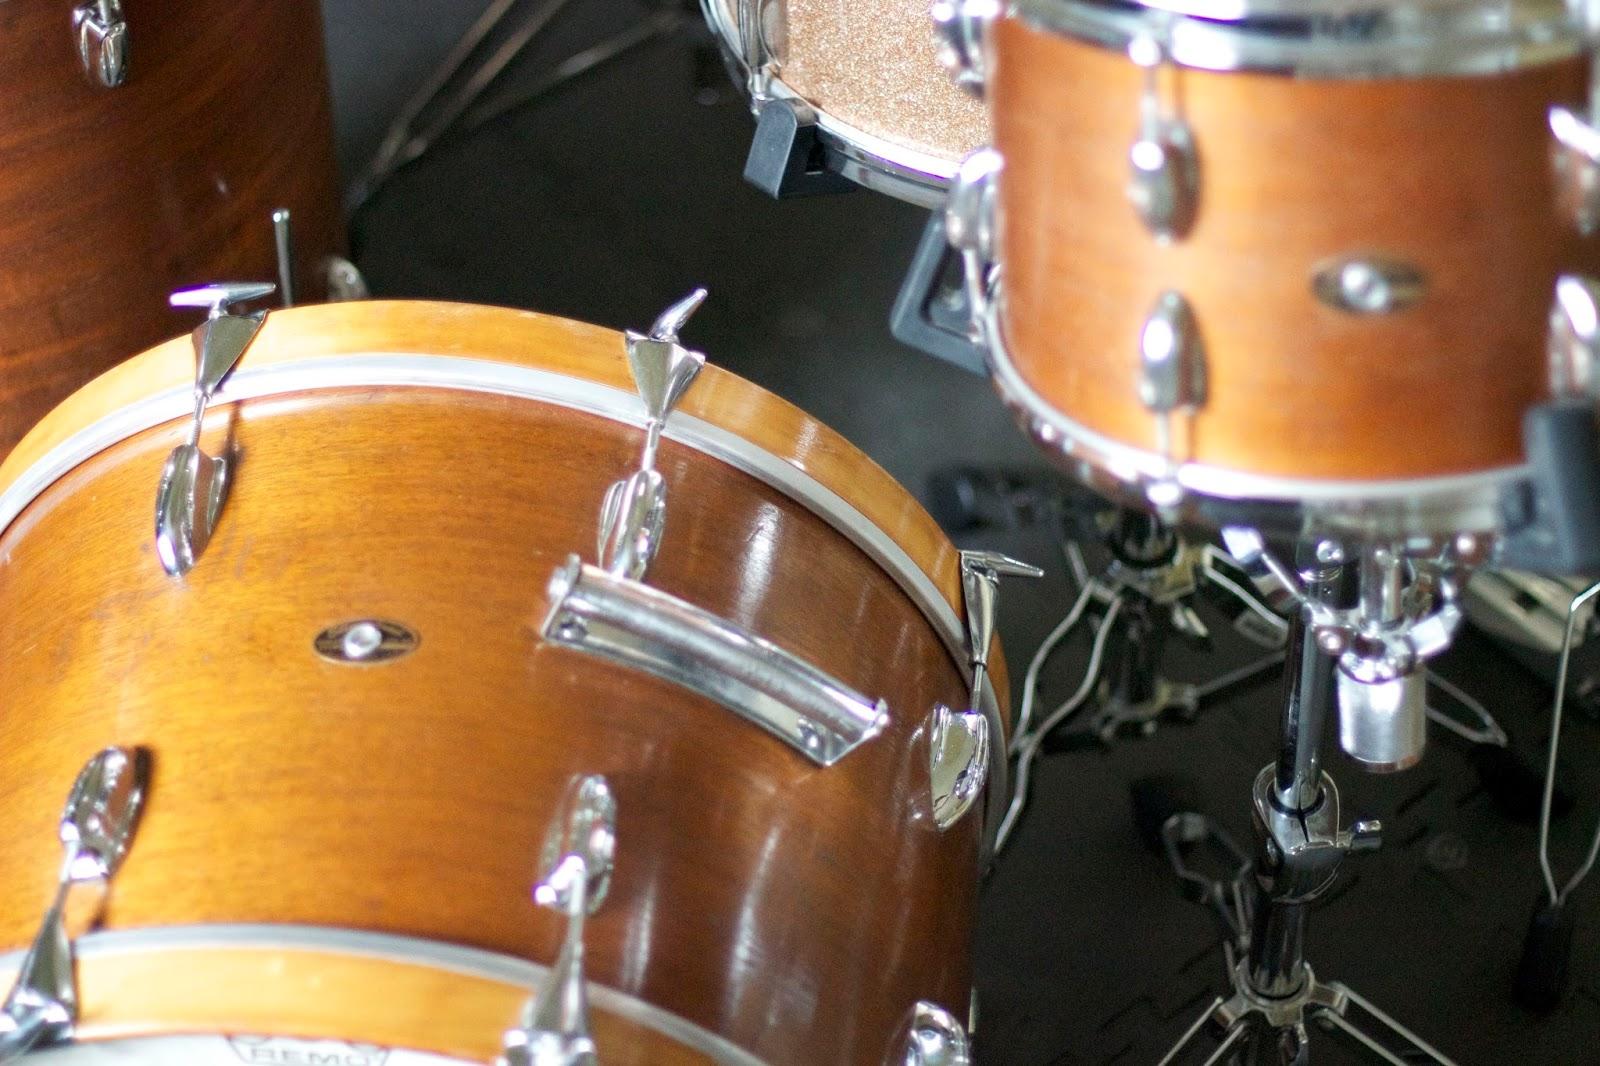 Restoring Vintage Drums - The Basics